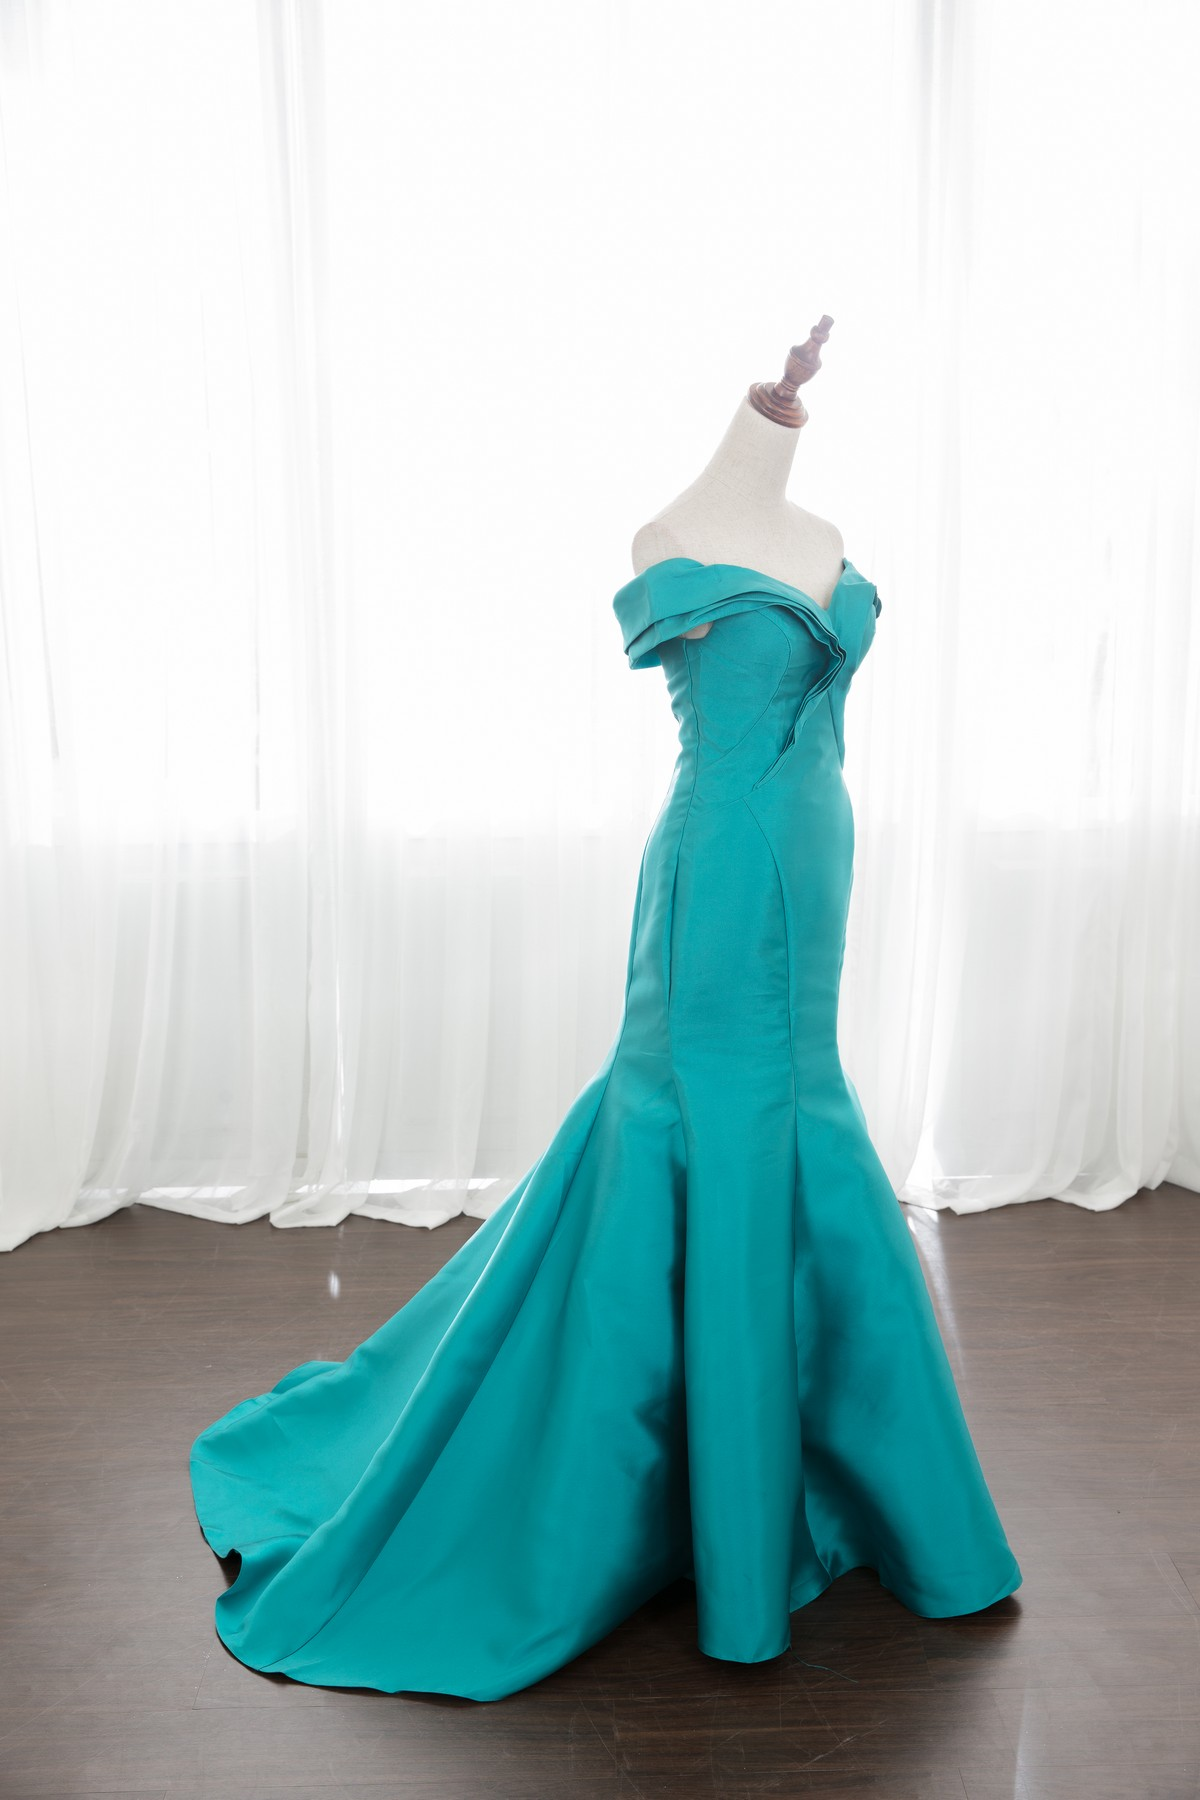 禮服出租:碧綠斷面卡肩魚尾晚禮服[全新開放使用]